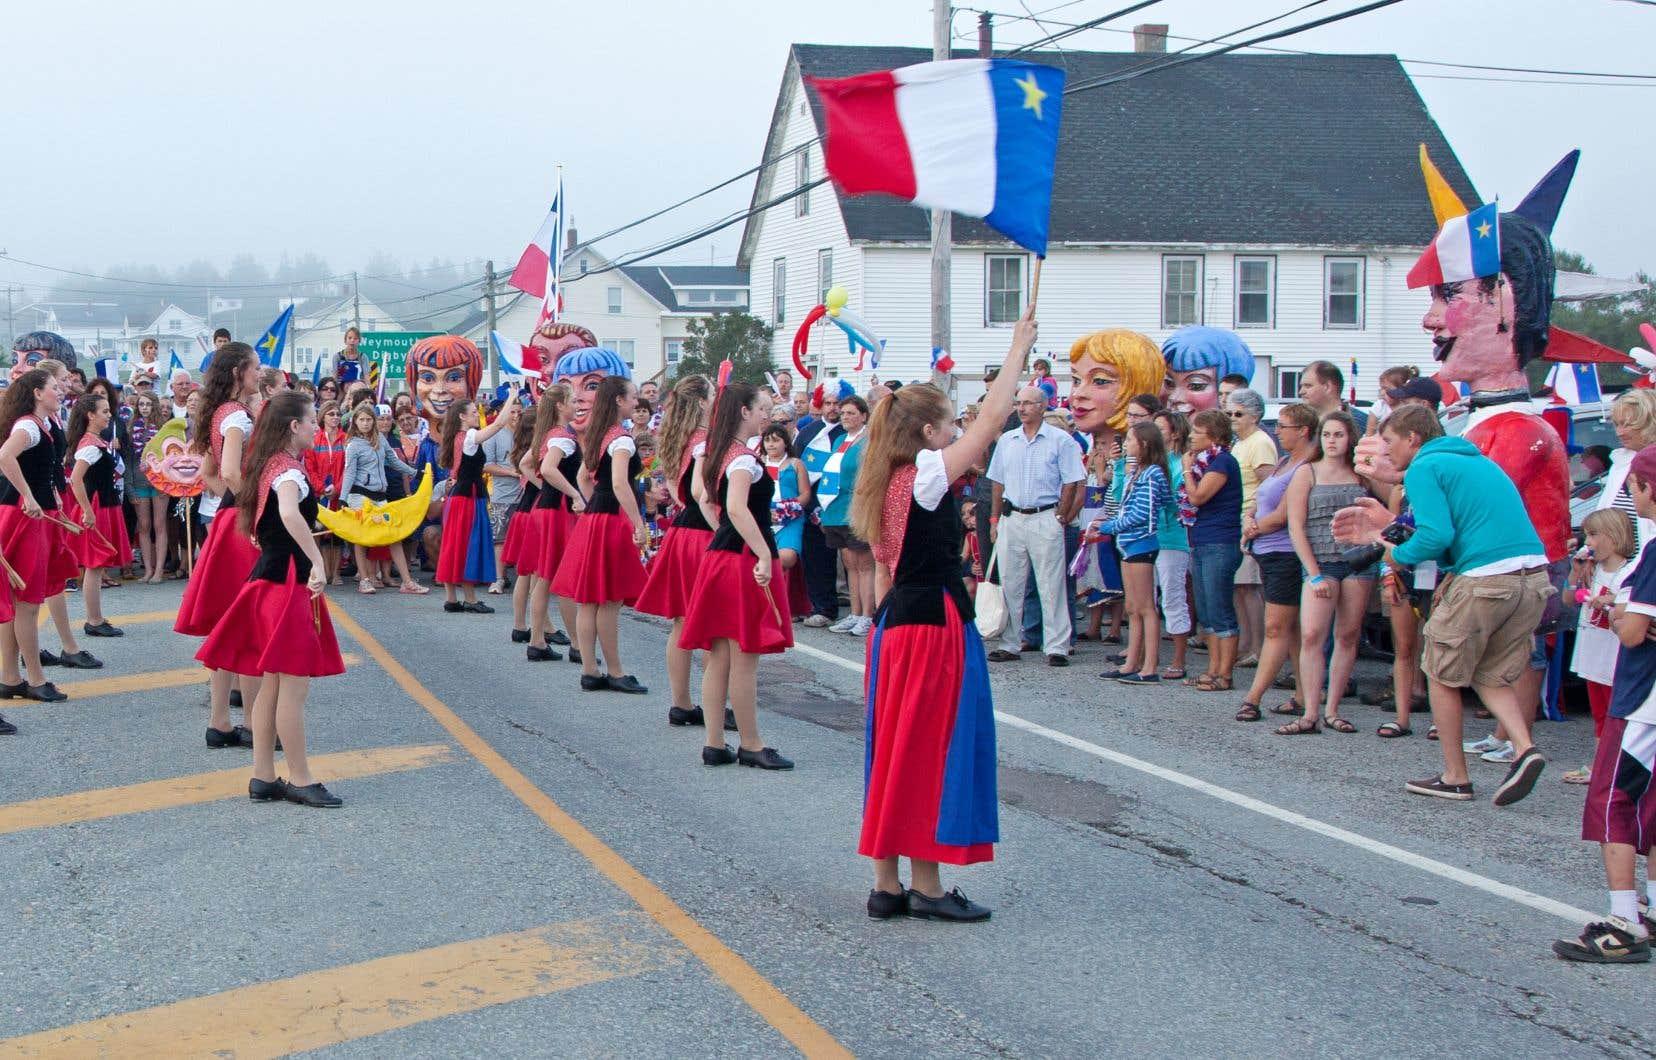 En étant plus présents dans l'espace public, les francophones et Acadiens contribueront à faire tomber les préjugés à leur endroit.